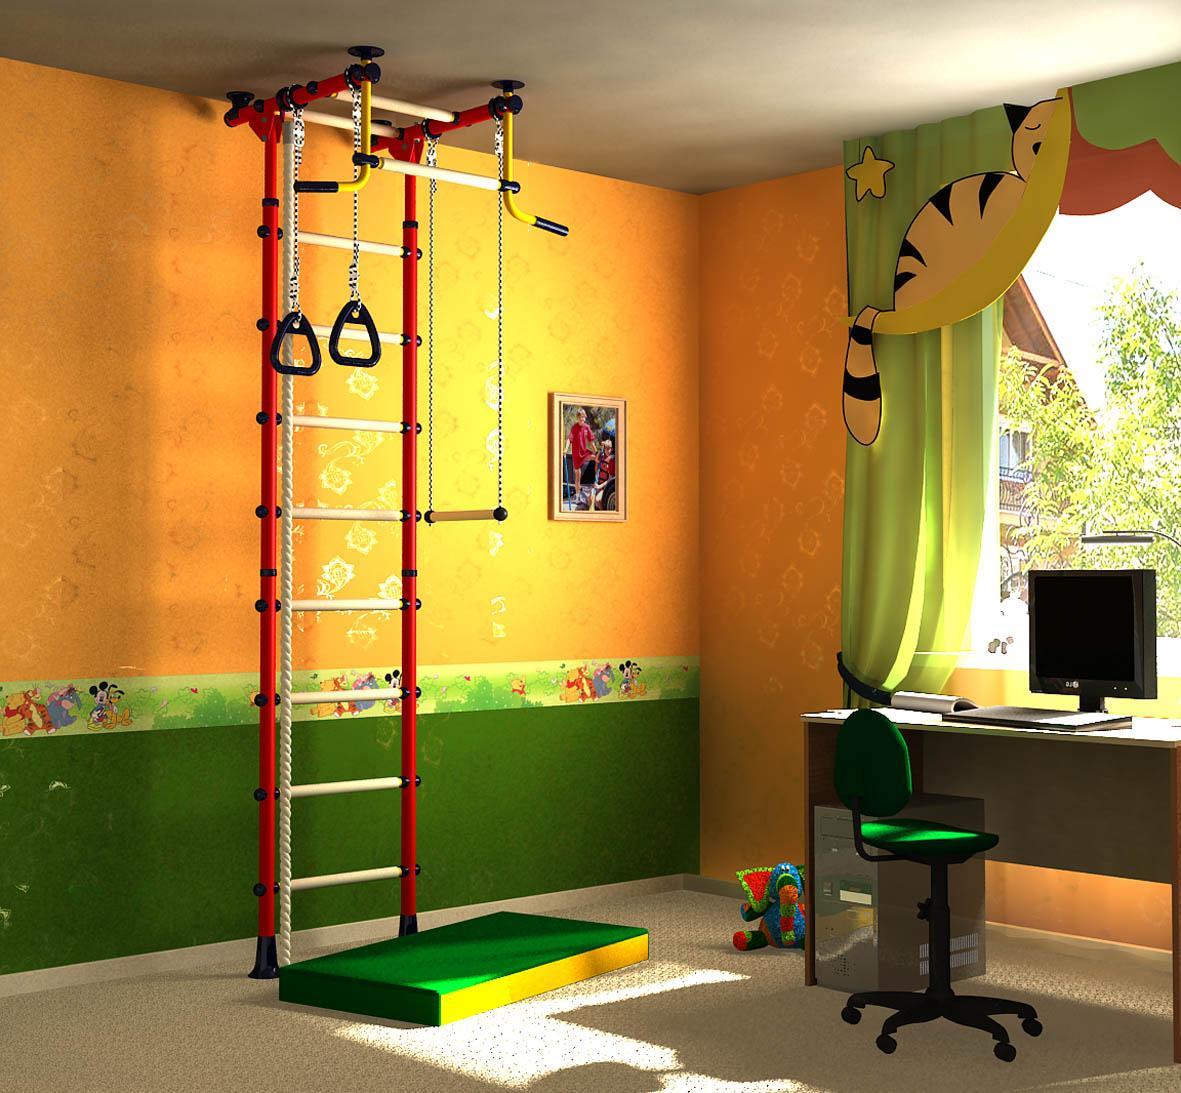 Мебель для школьника: фото, выбор мебели, эргономика, модели 2019